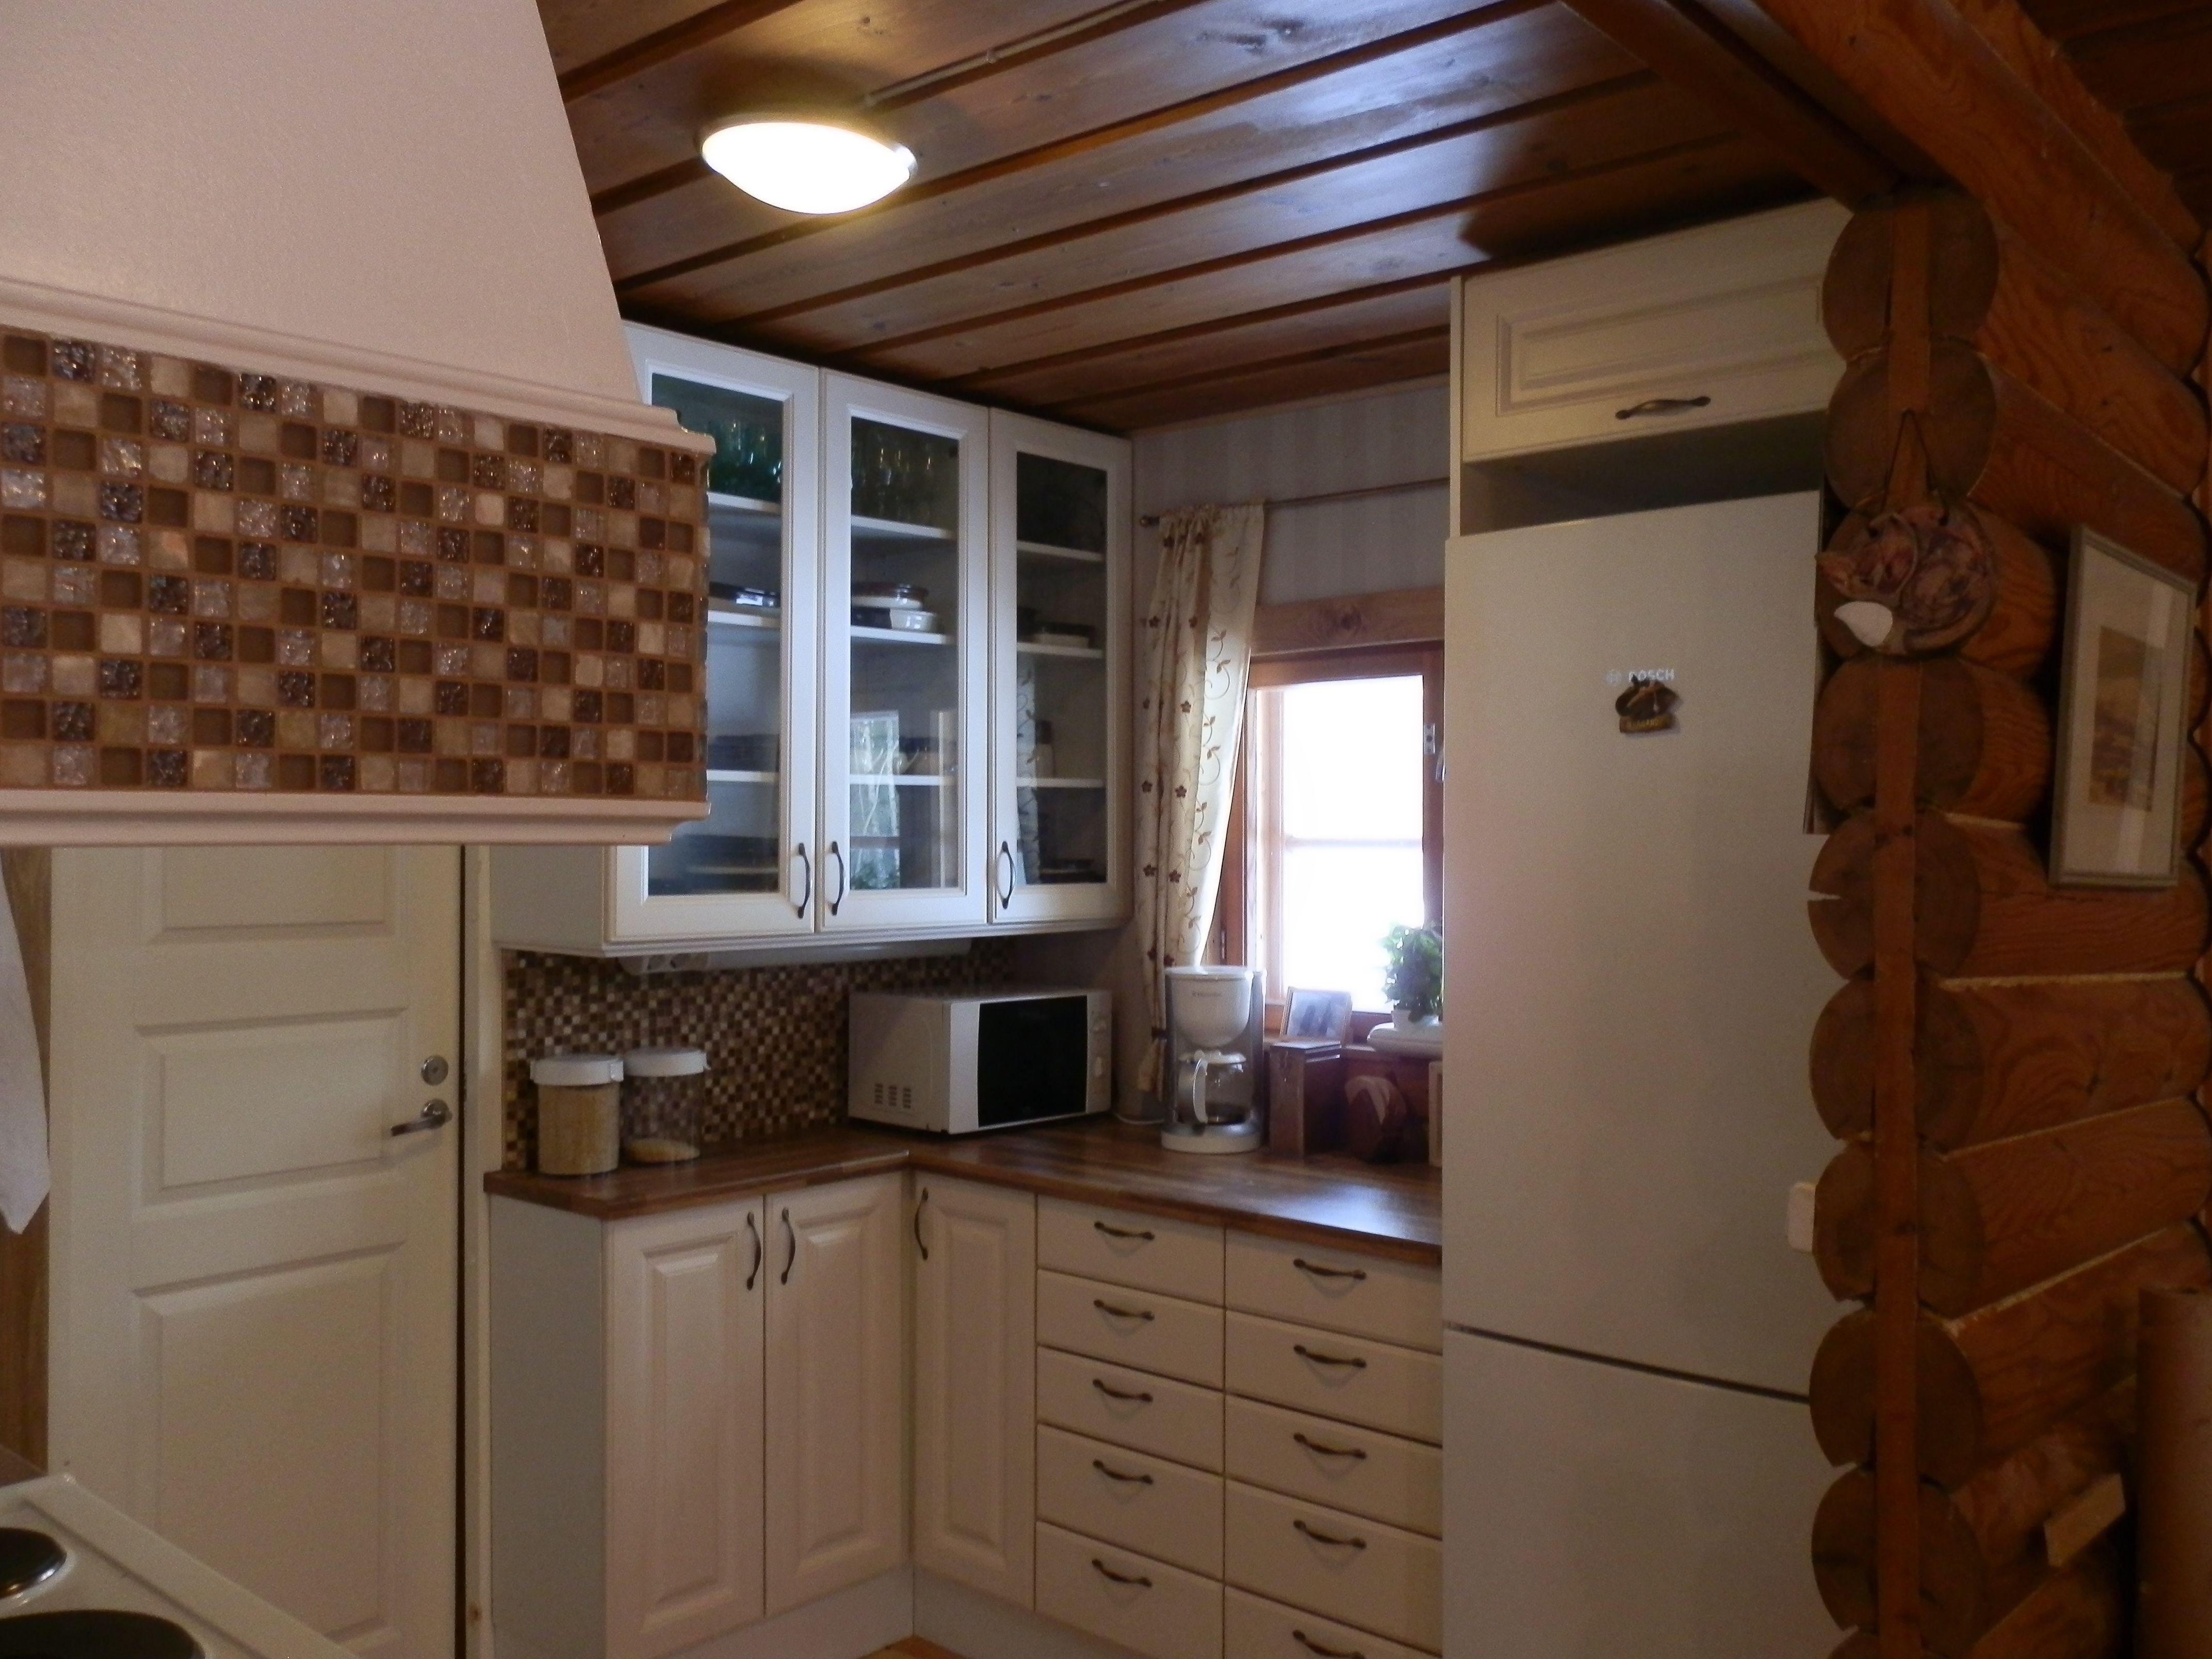 Keittiöremontti valmis, ikkunaseinä